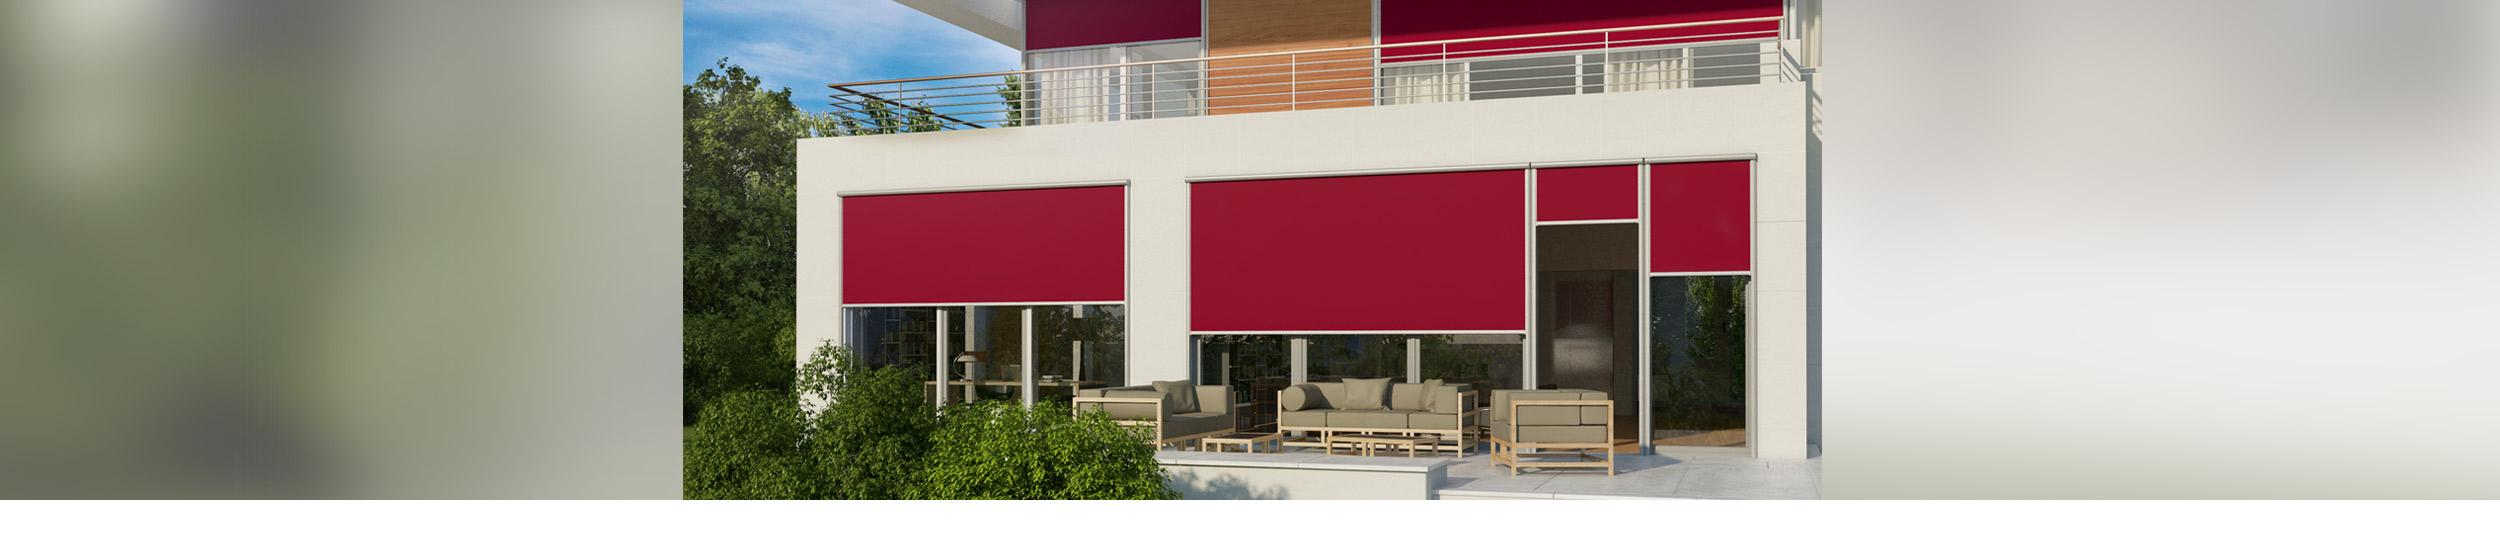 Vertitex weinor stores toits de terrasse oasis de verre - Erreurs que pratiquement tout le monde fait en design dinterieur ...